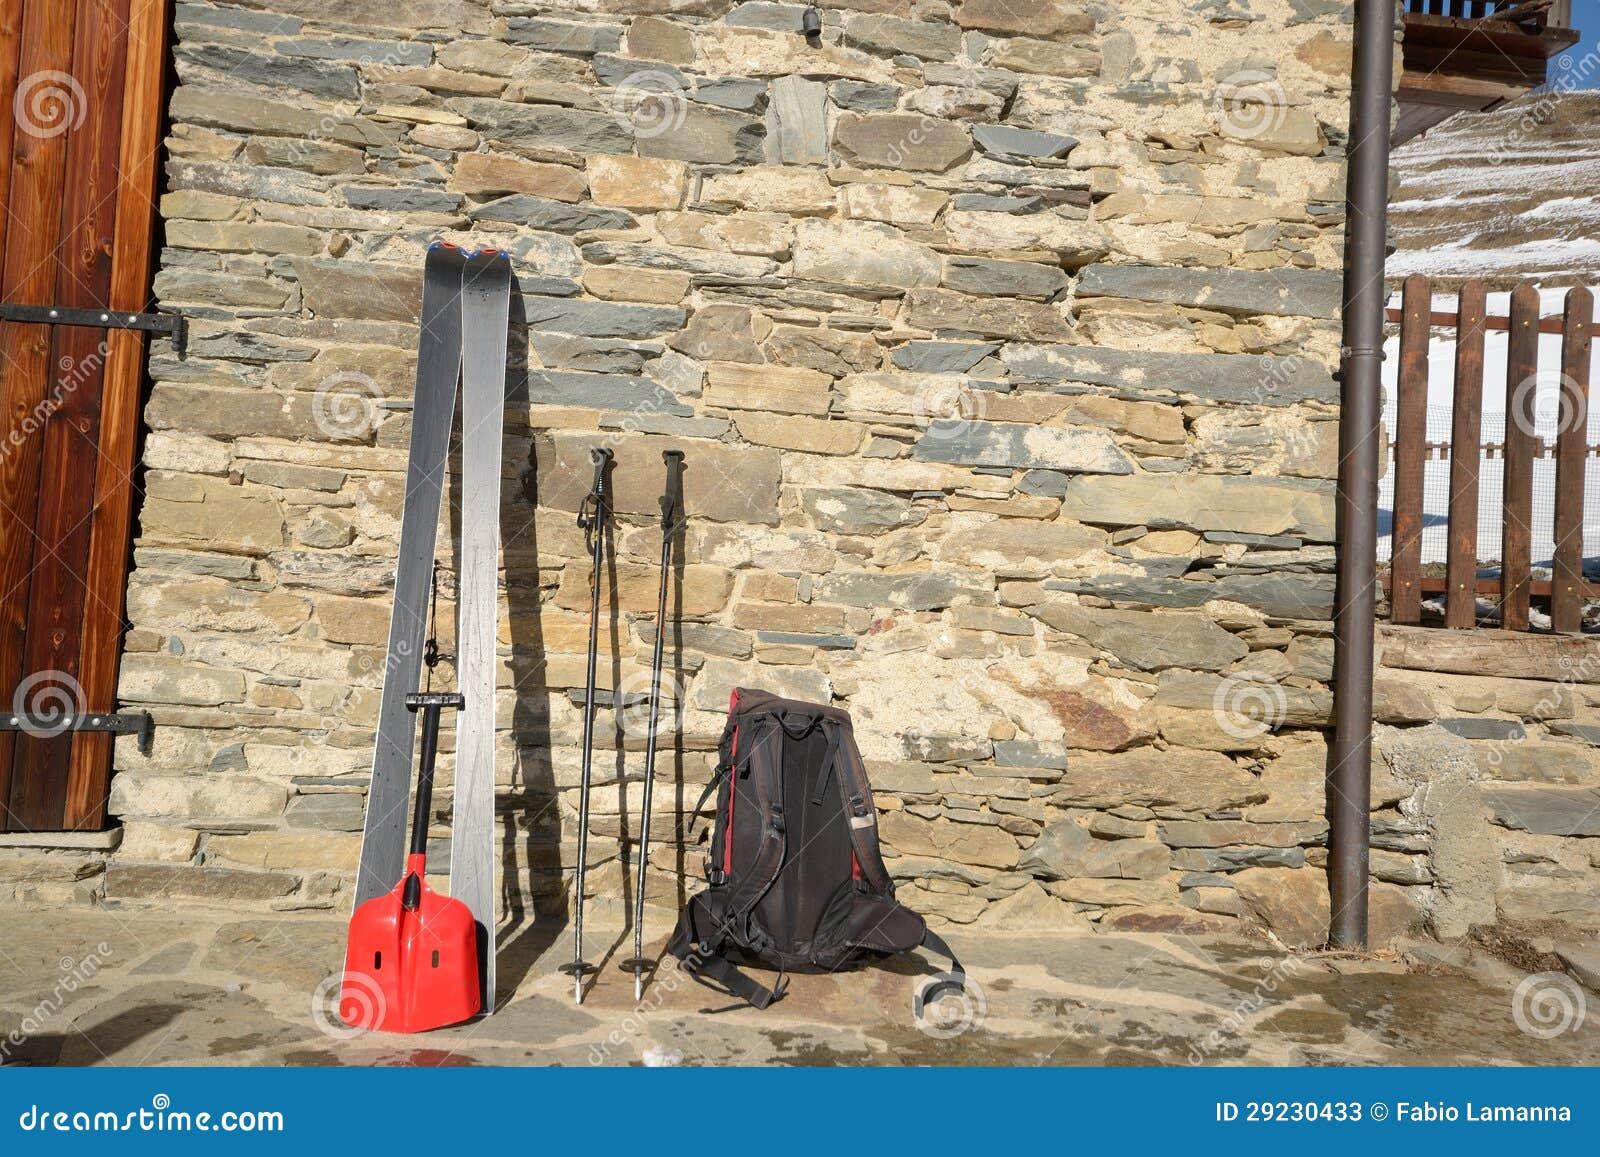 Download Esqui Que Visita Ferramentas Imagem de Stock - Imagem de avalanche, montanha: 29230433